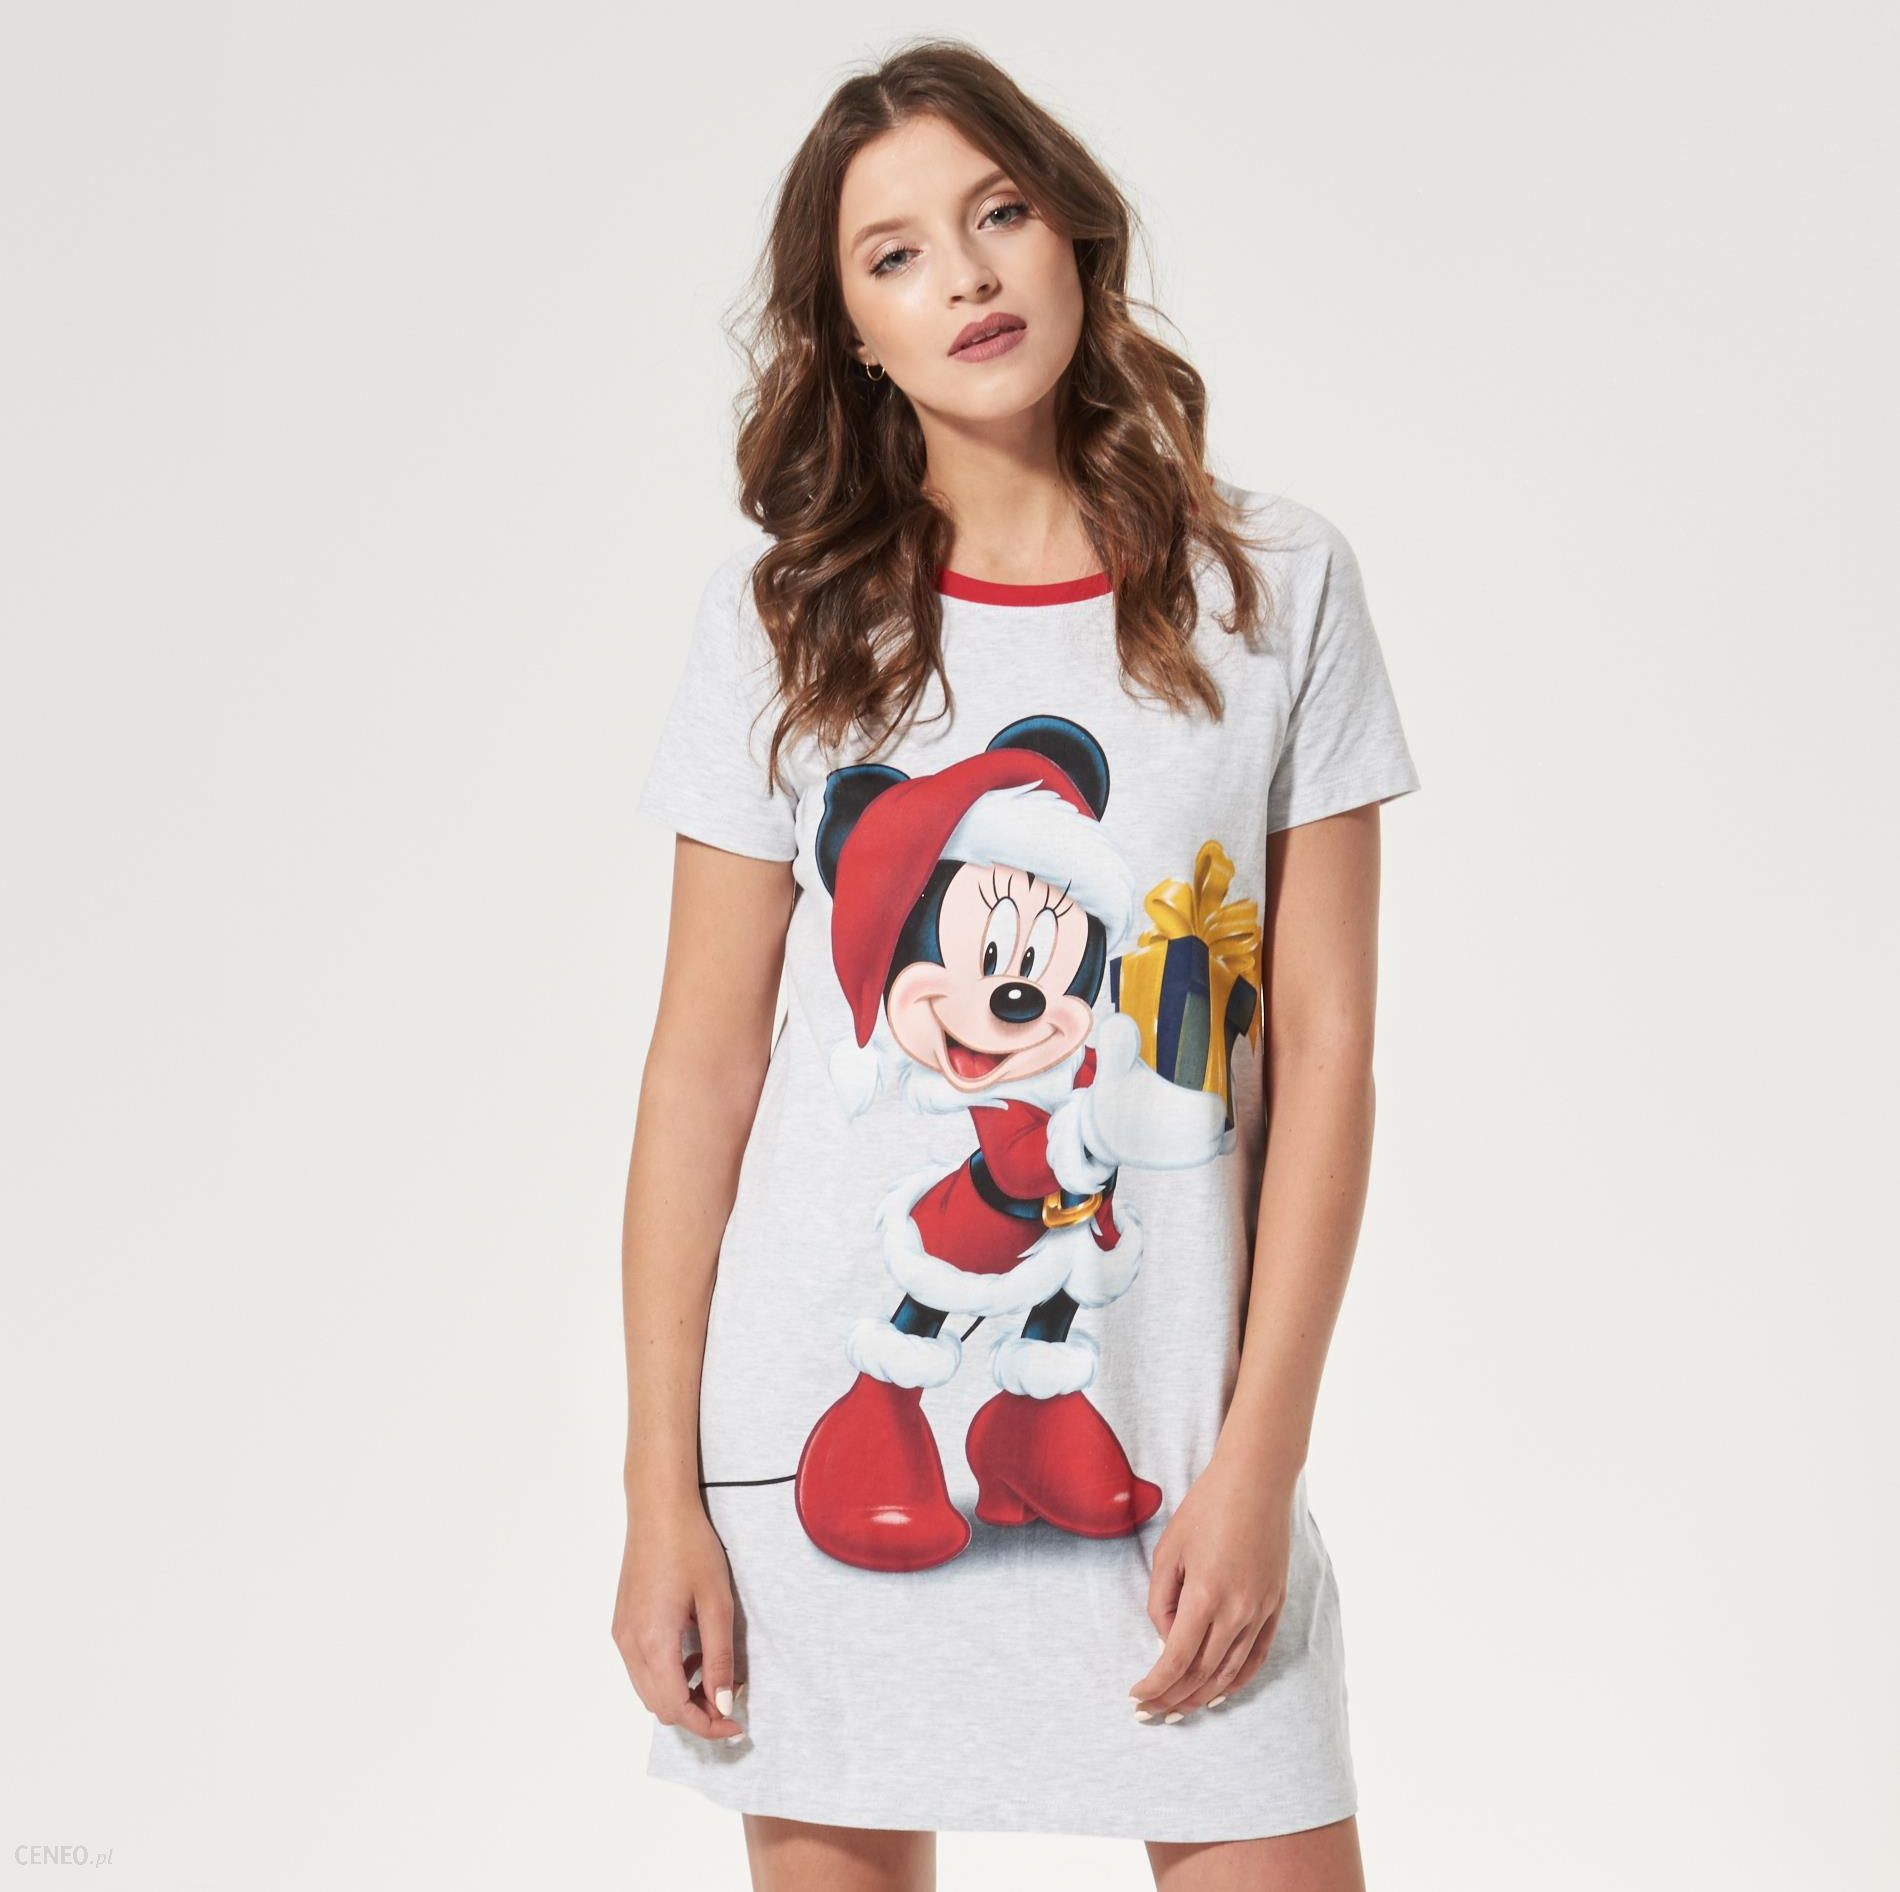 House Koszula nocna mickey mouse Szary damska Ceny i  TeMge